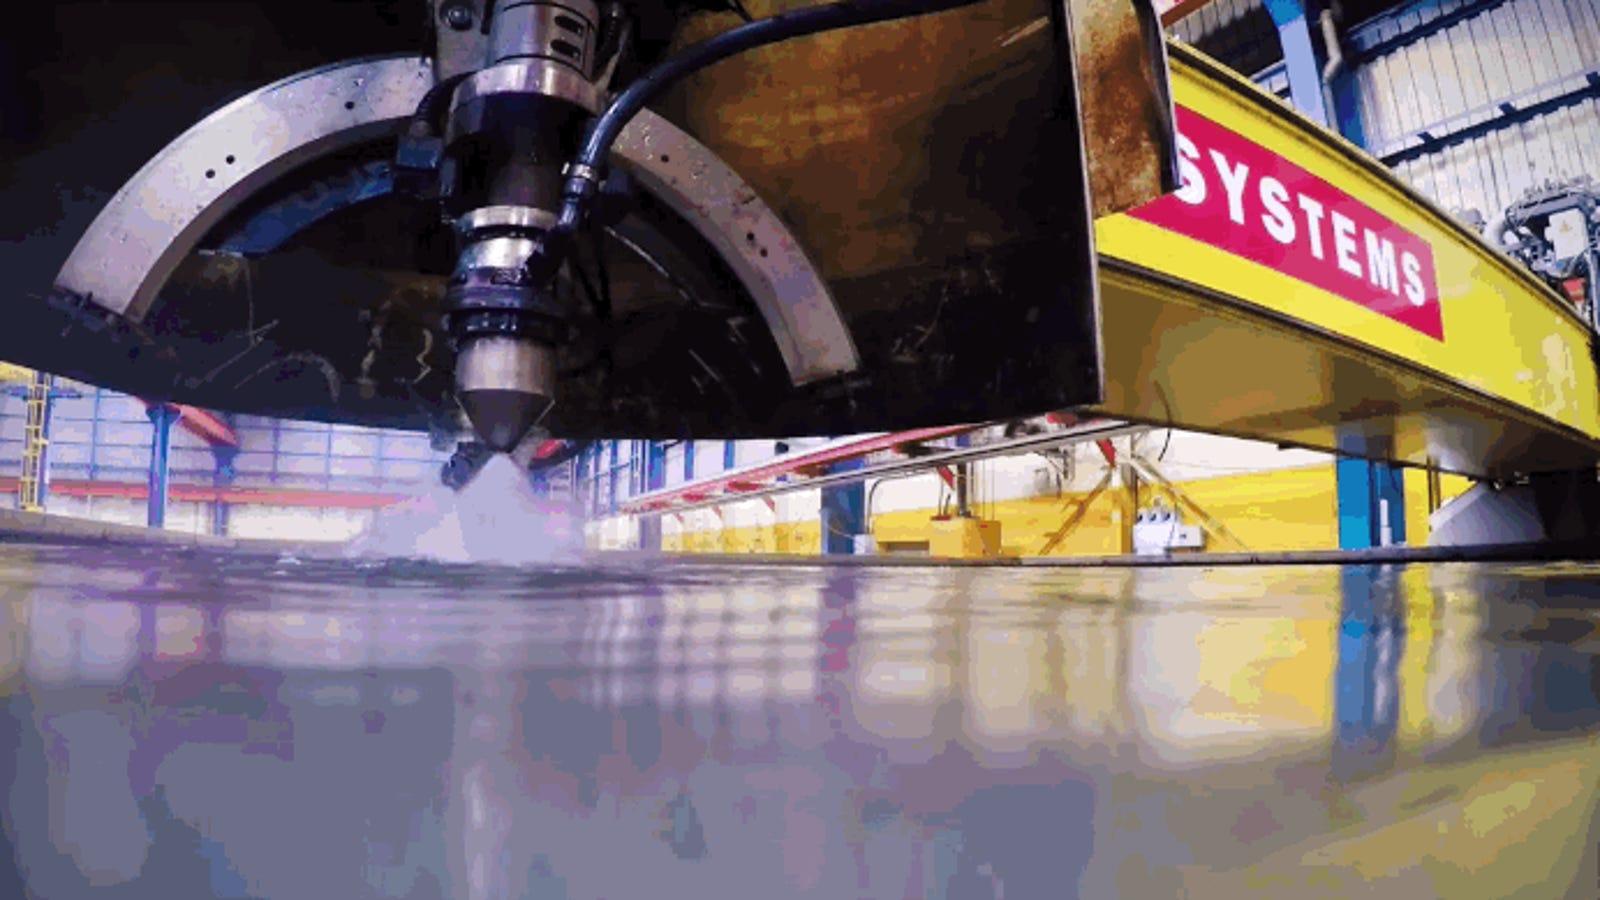 Cómo funcionan las cuchillas de plasma que cortan las piezas para barcos